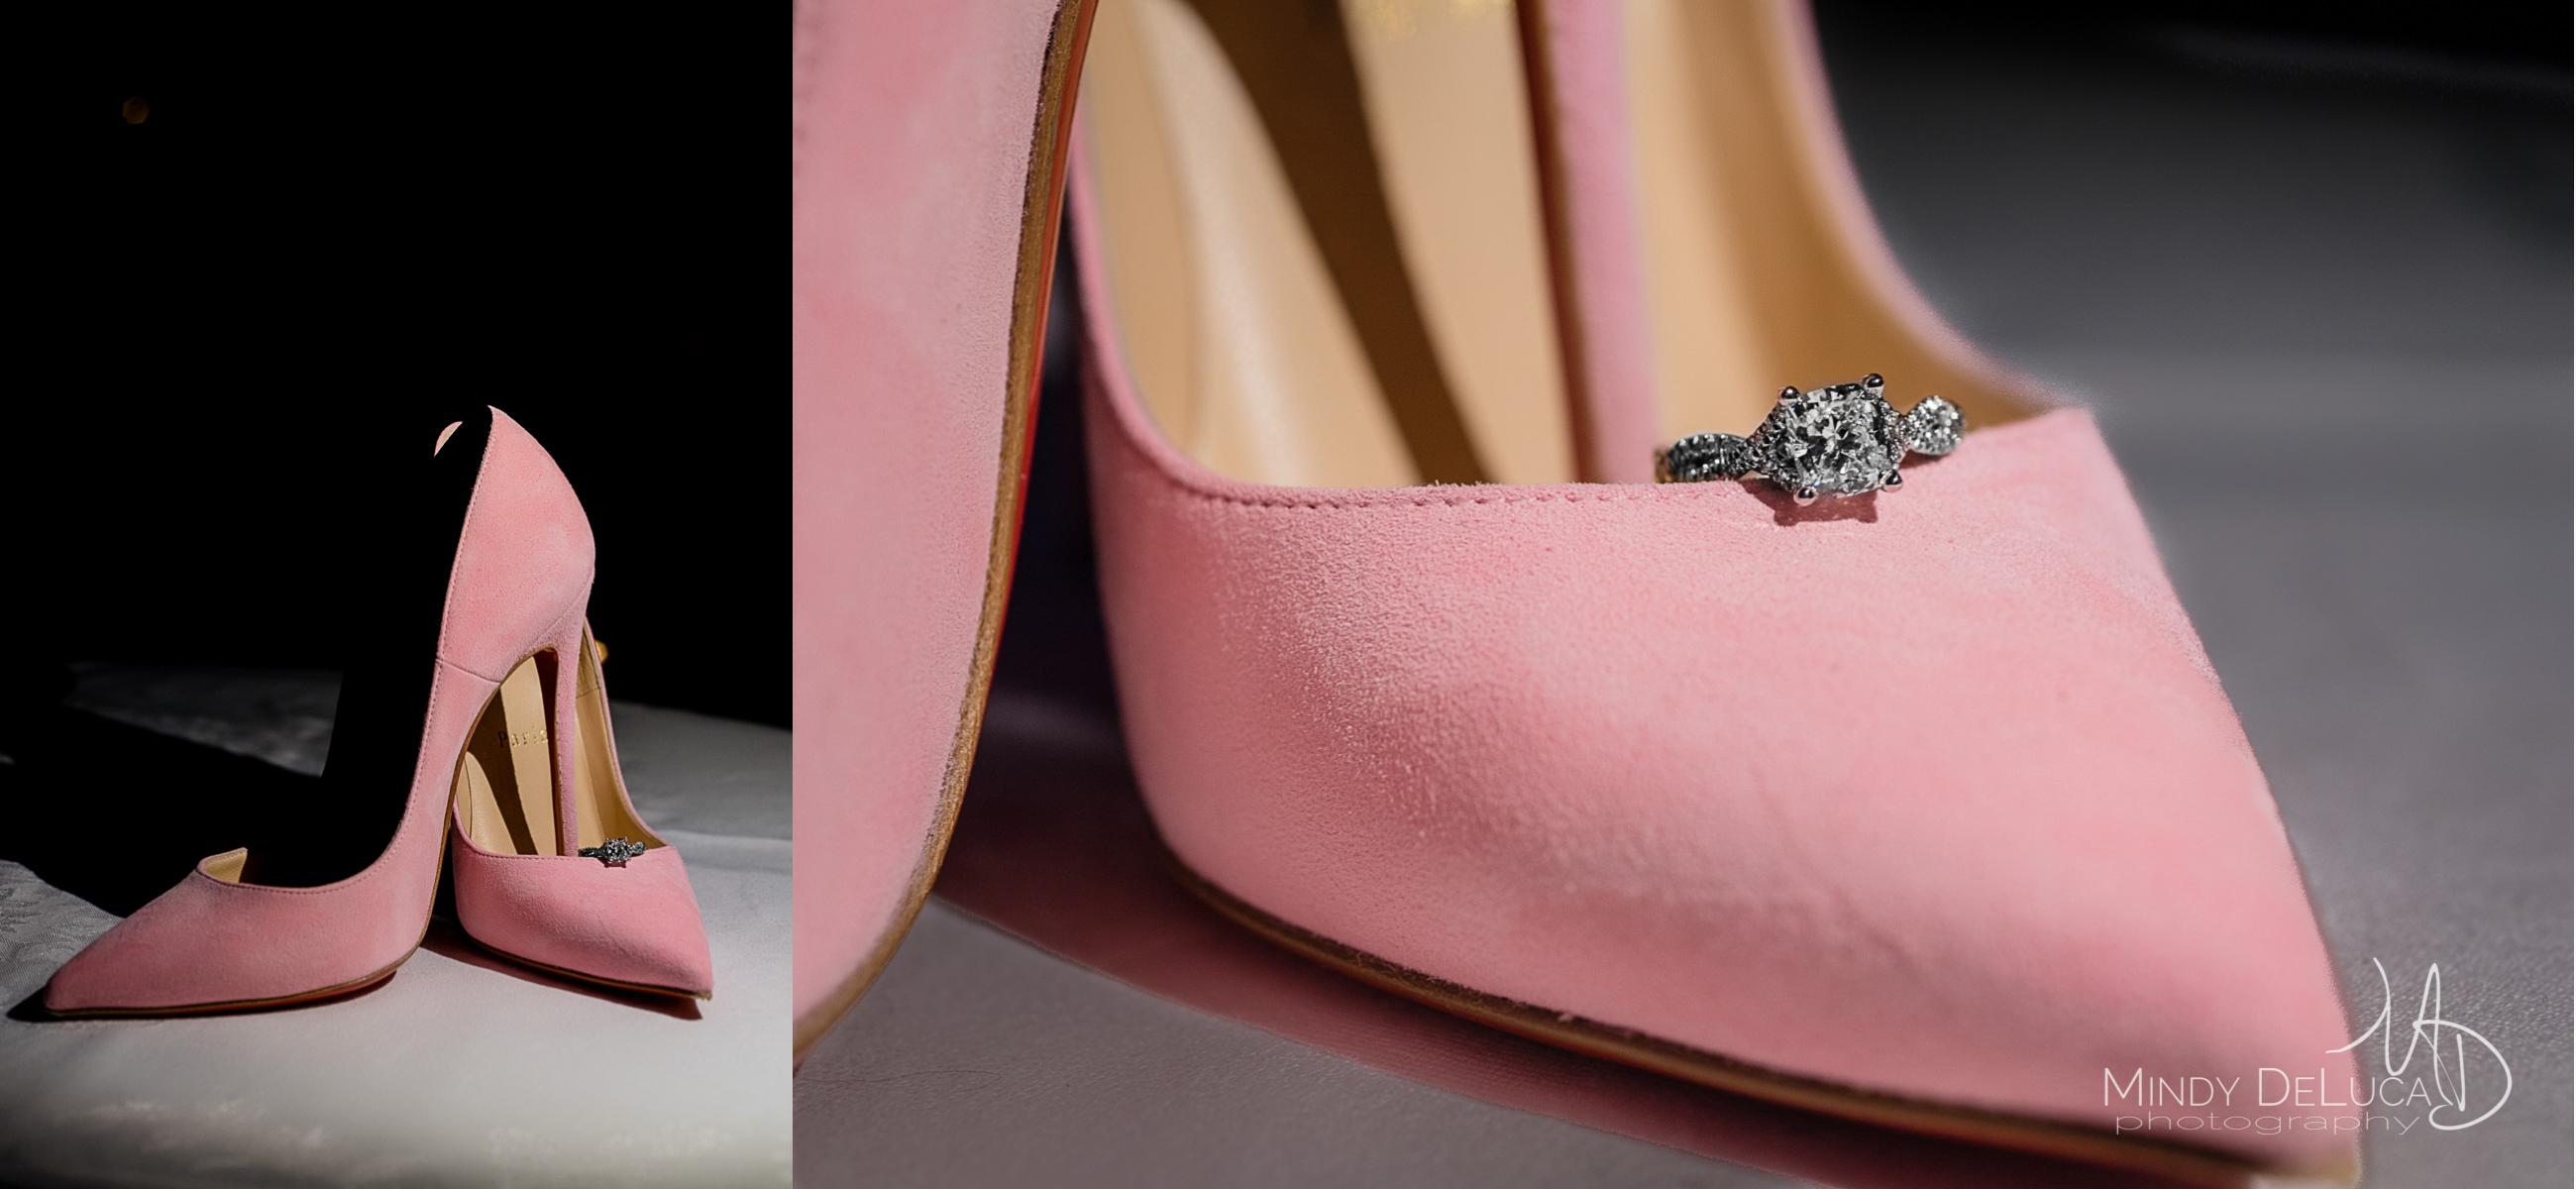 Pink Louboutin Heels Engagement Ring